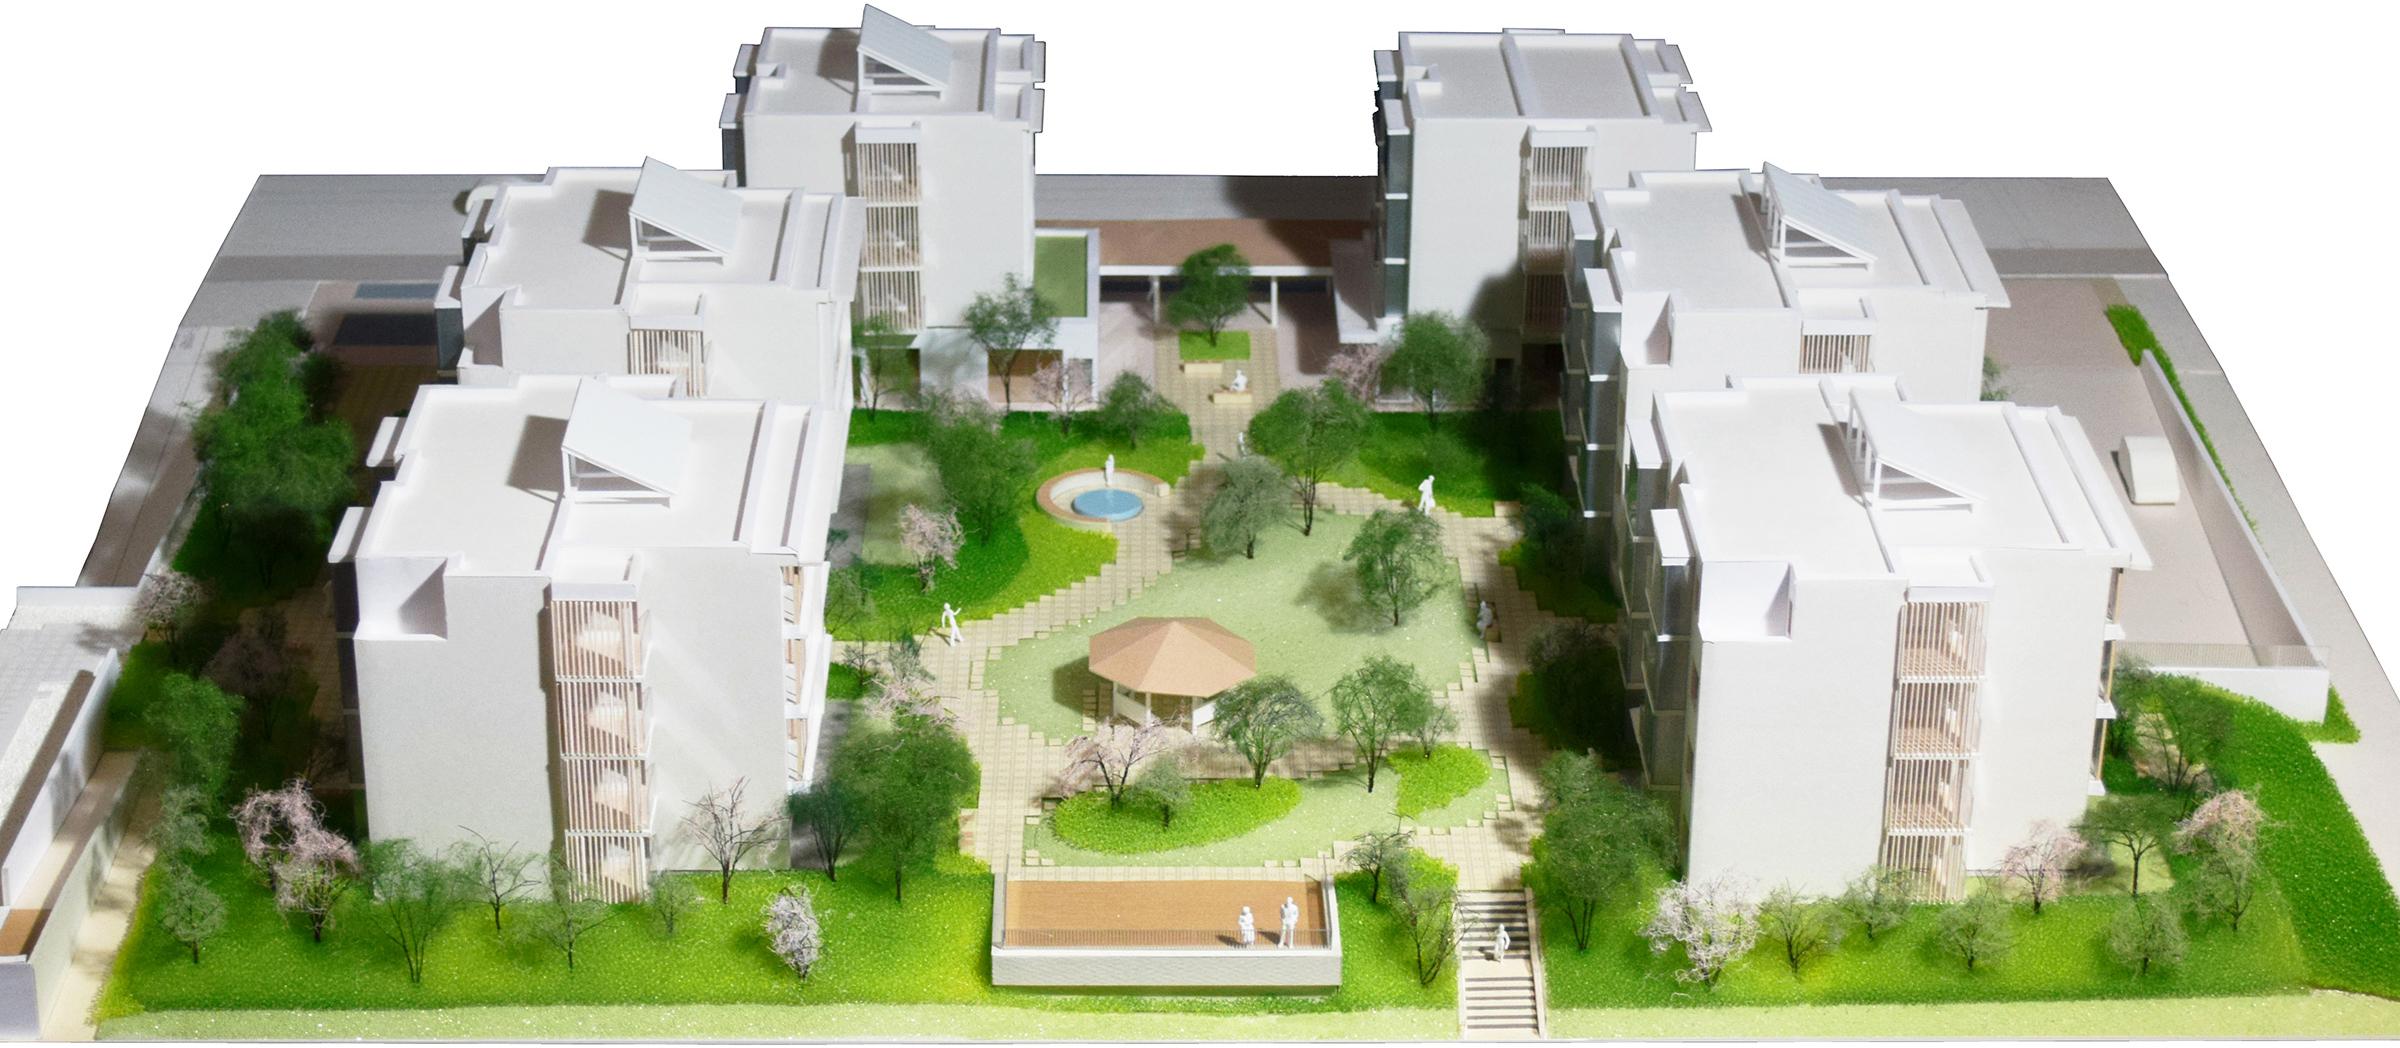 ランドスケープと建築の融合する住まい